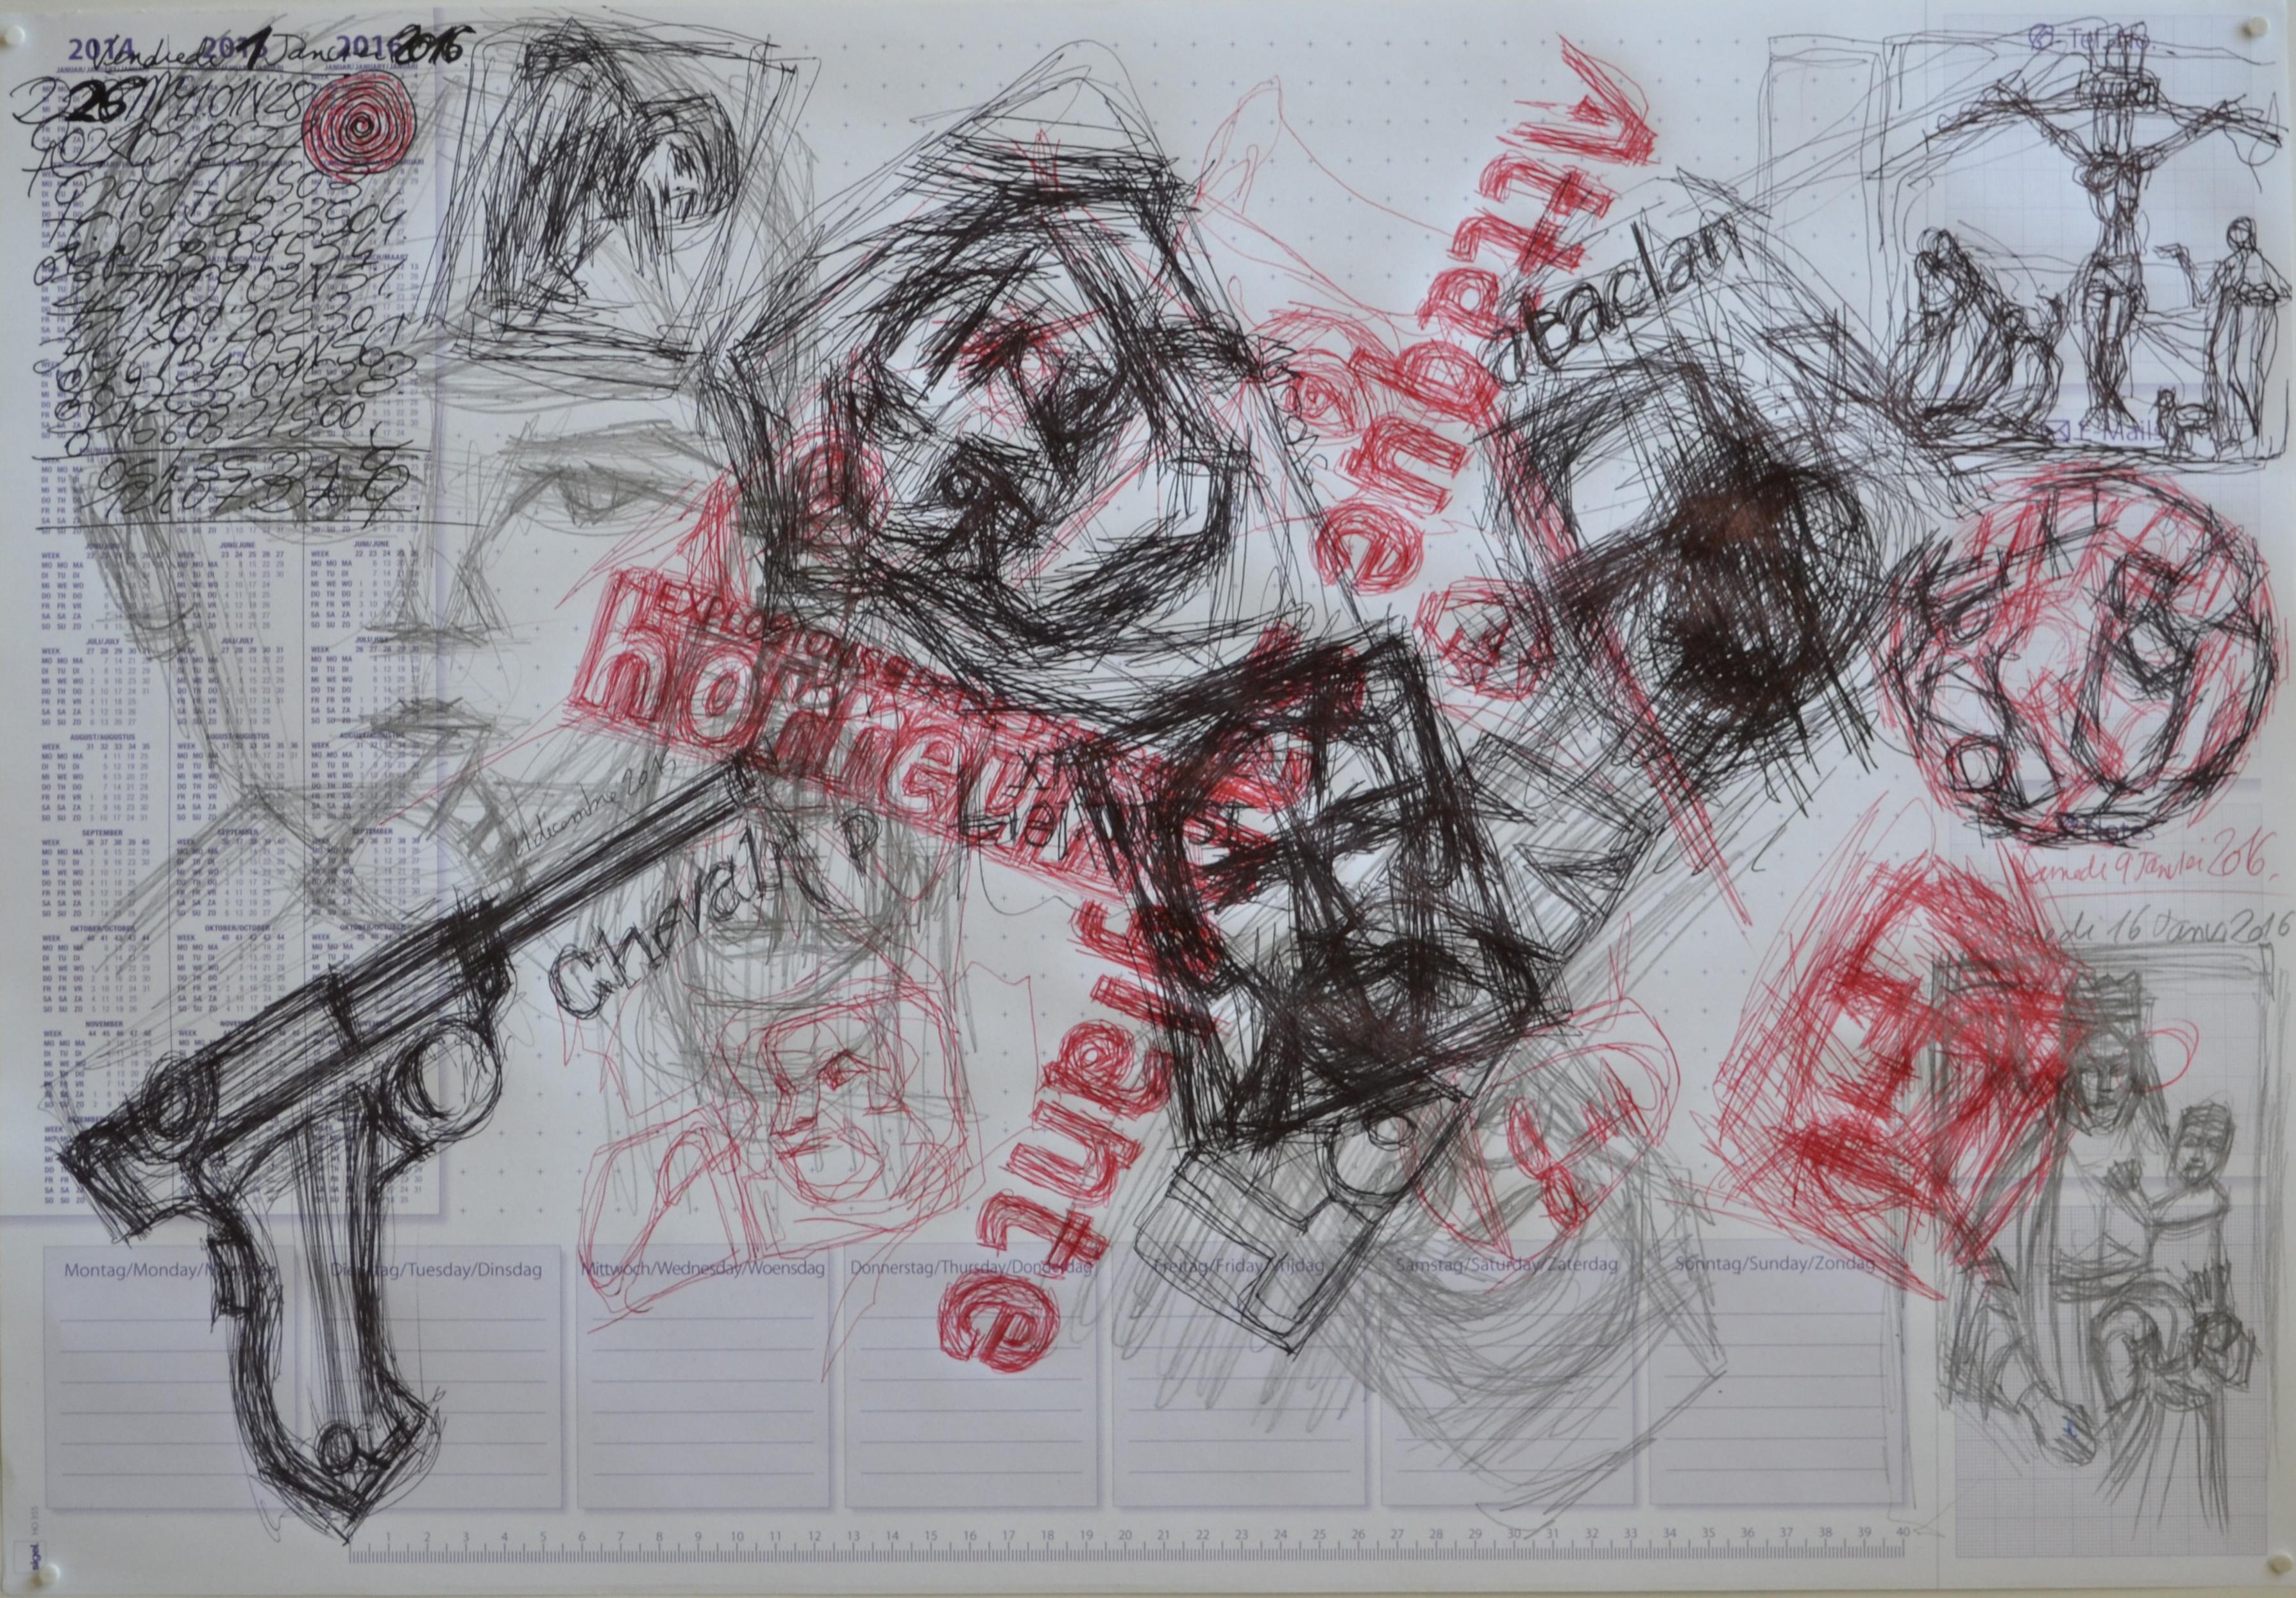 Mappemonde Tabula 12, stylo bille, stylo plume et graphite sur papier, 41 x 60 cm. Griffonnages sur les feuilles d